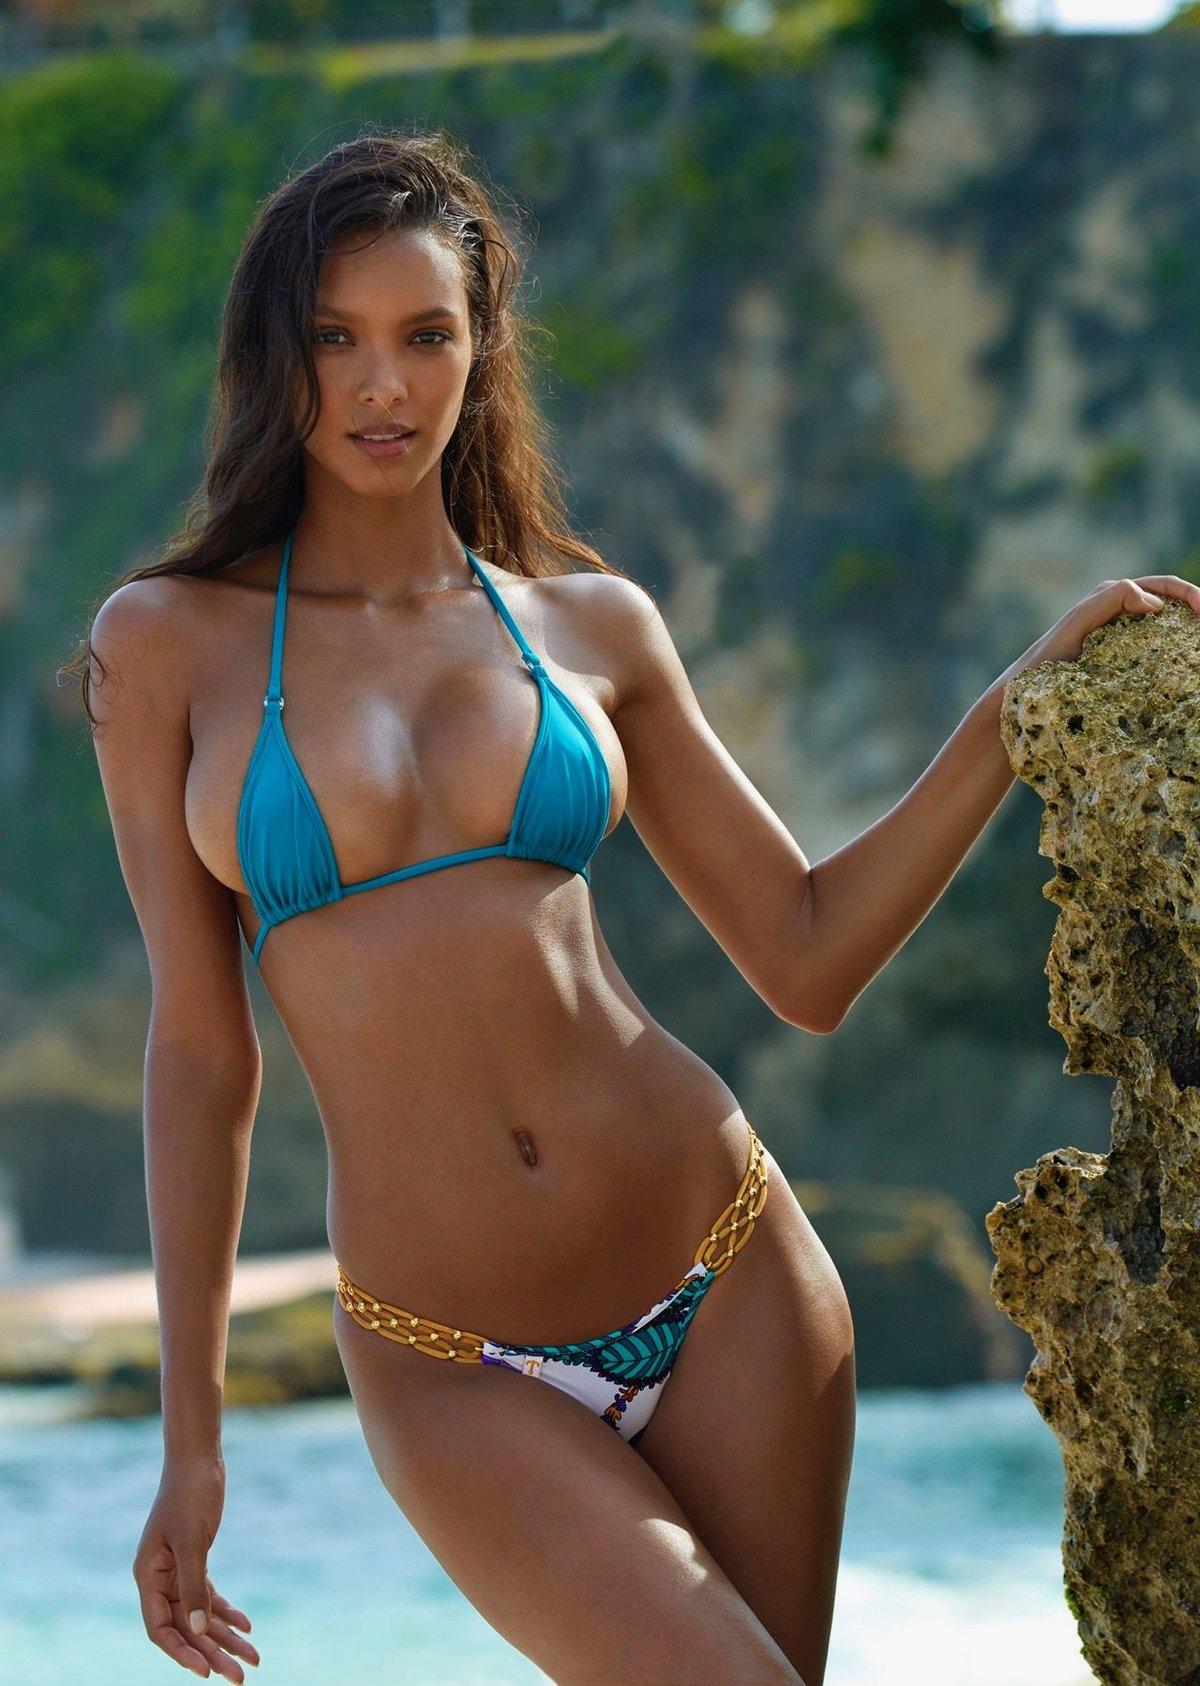 girl-bikini-model-download-porn-movies-on